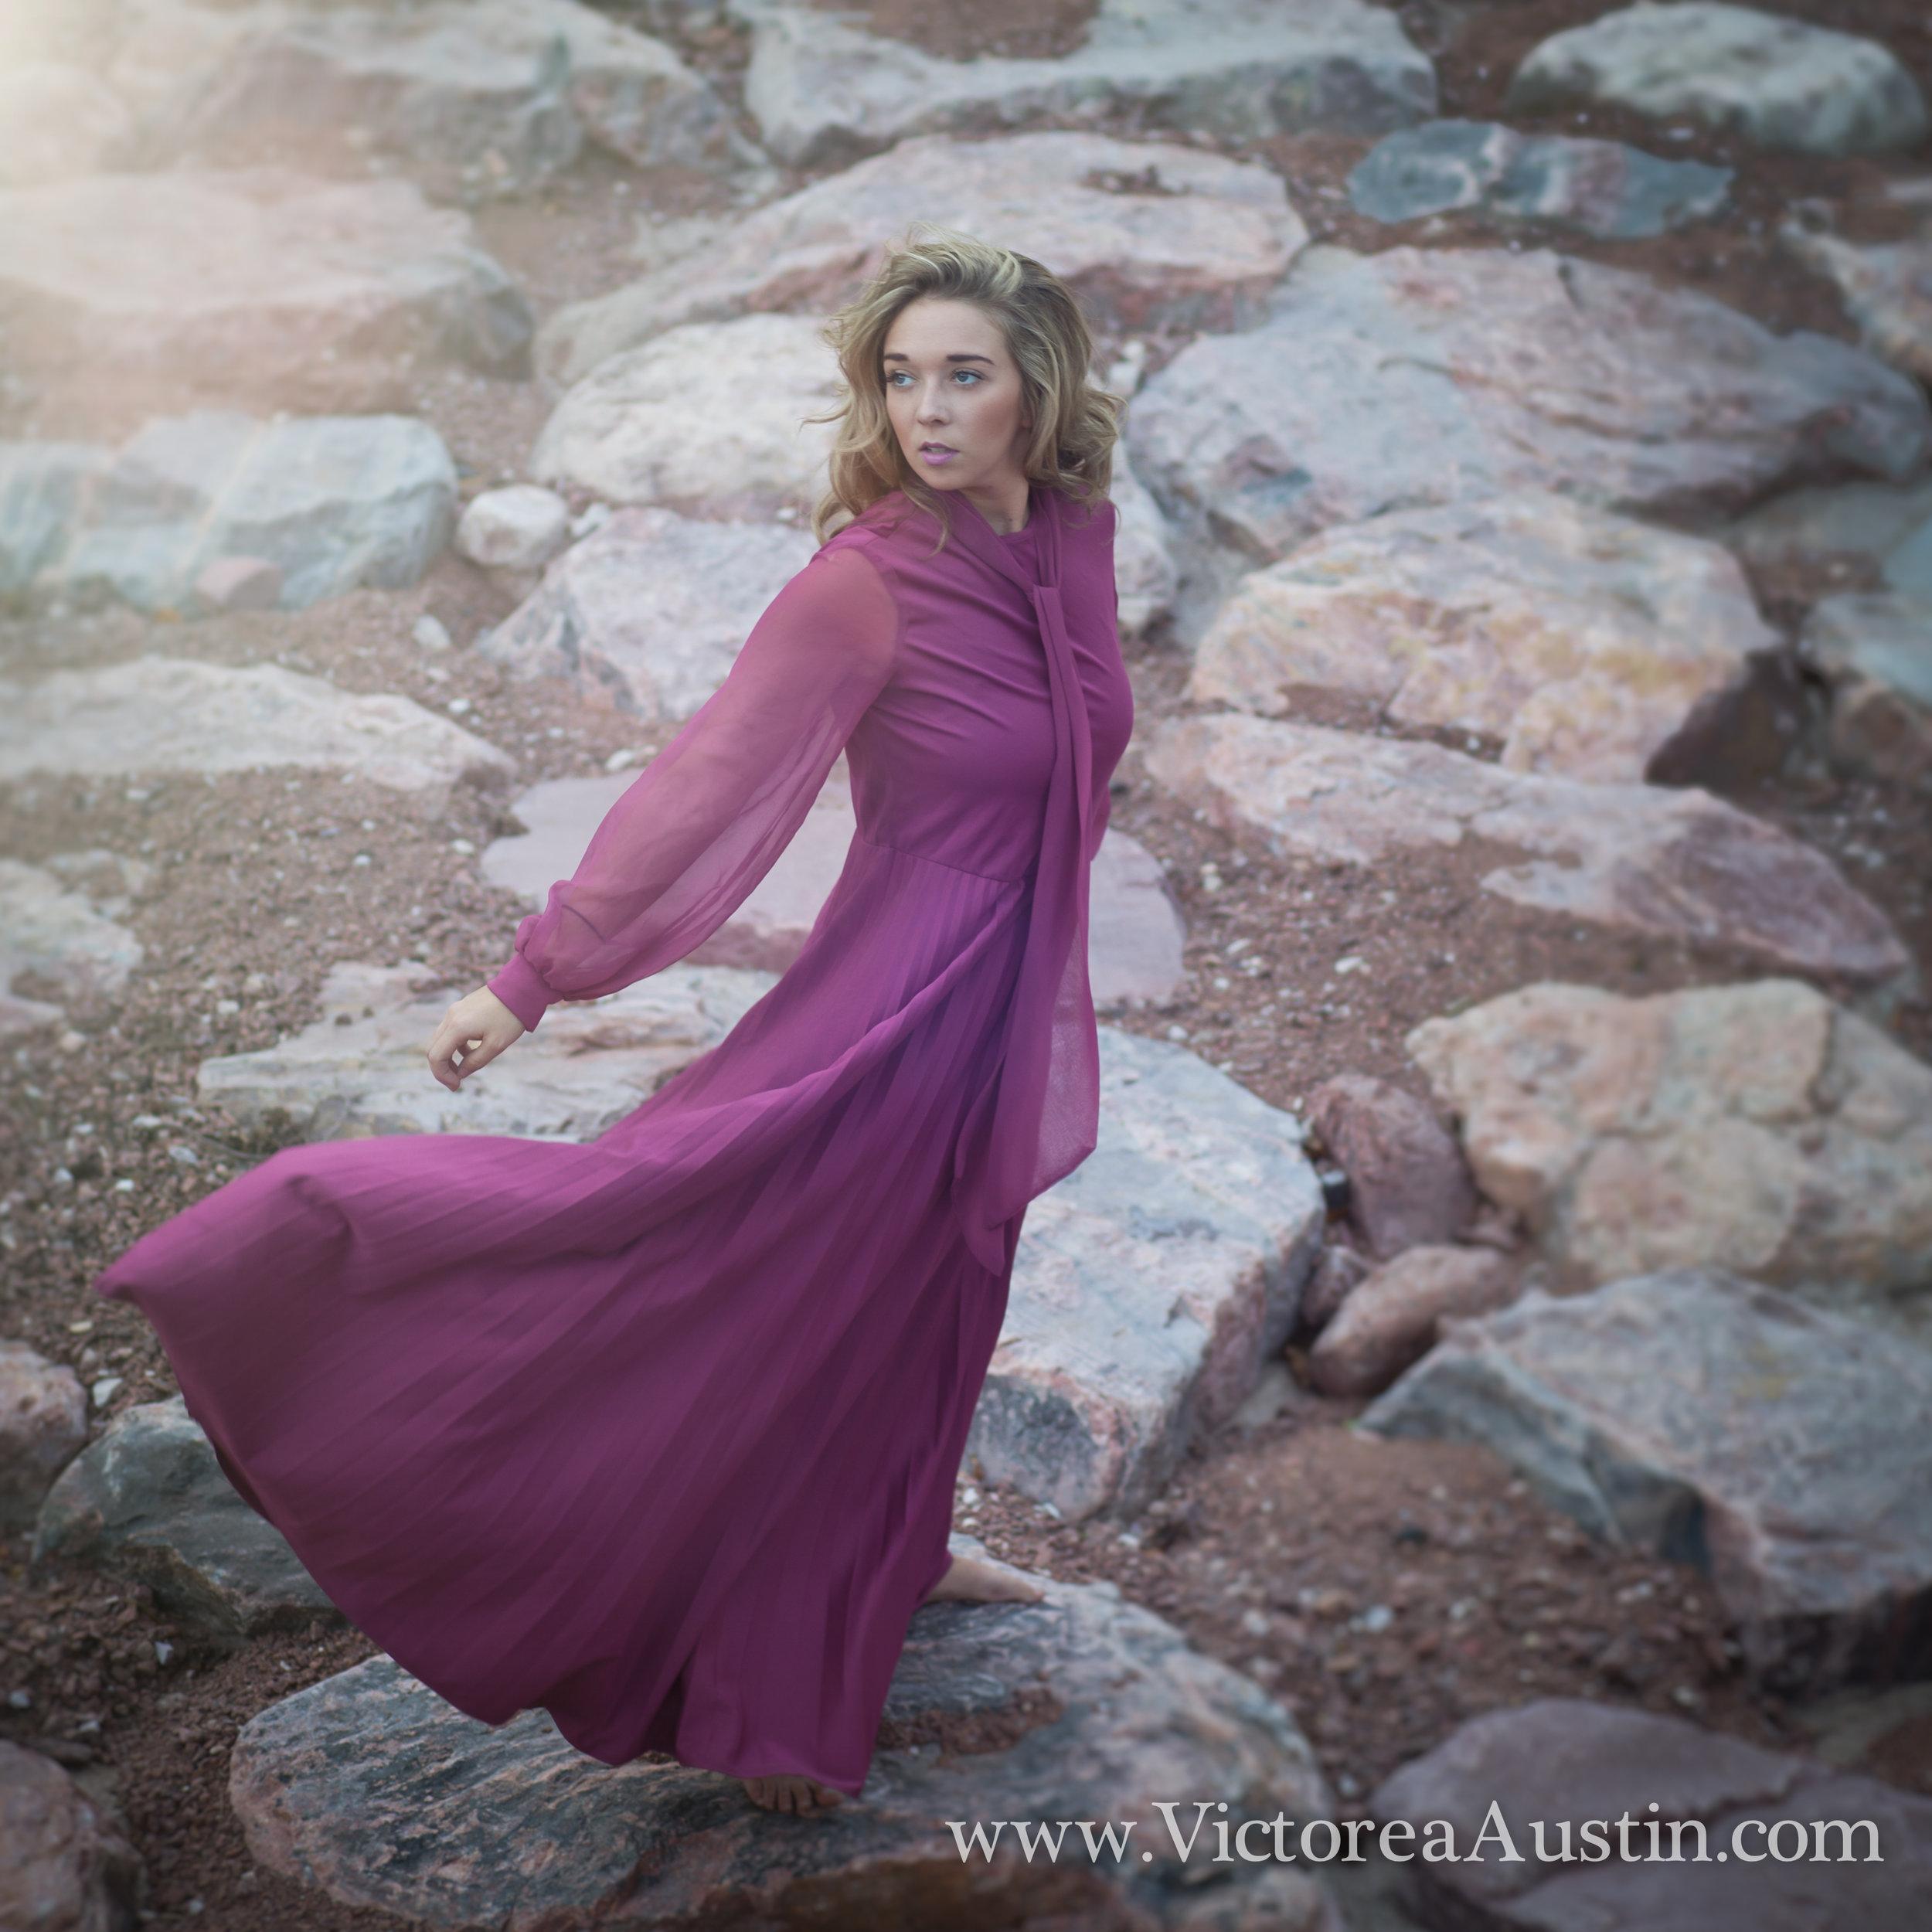 Model: Marsha Denlinger